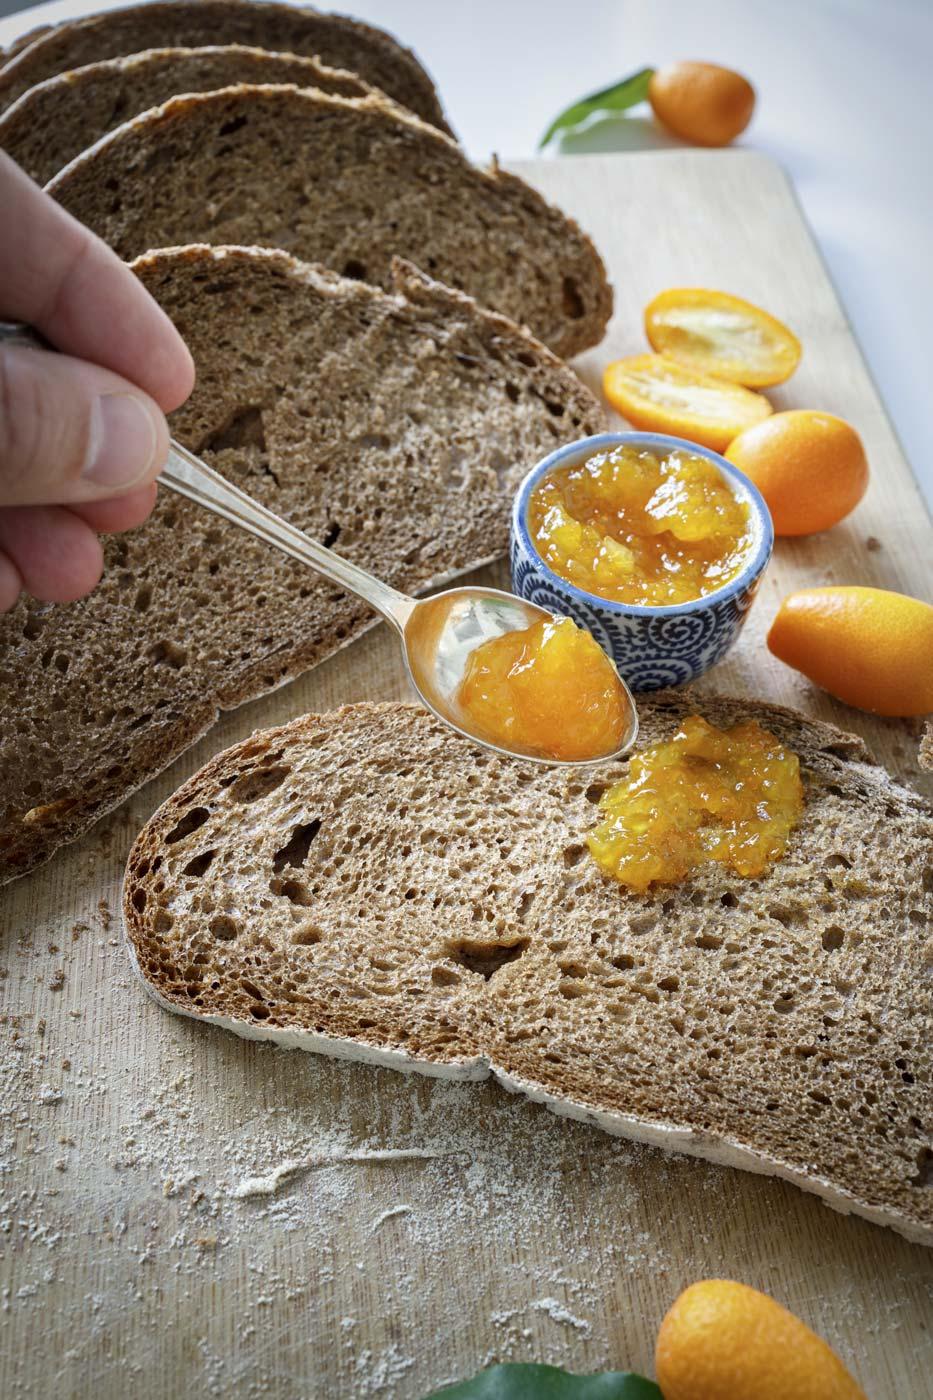 Lazaris private tour tasting corfu hand serving orange jam with spoon slice bread kumquat jam